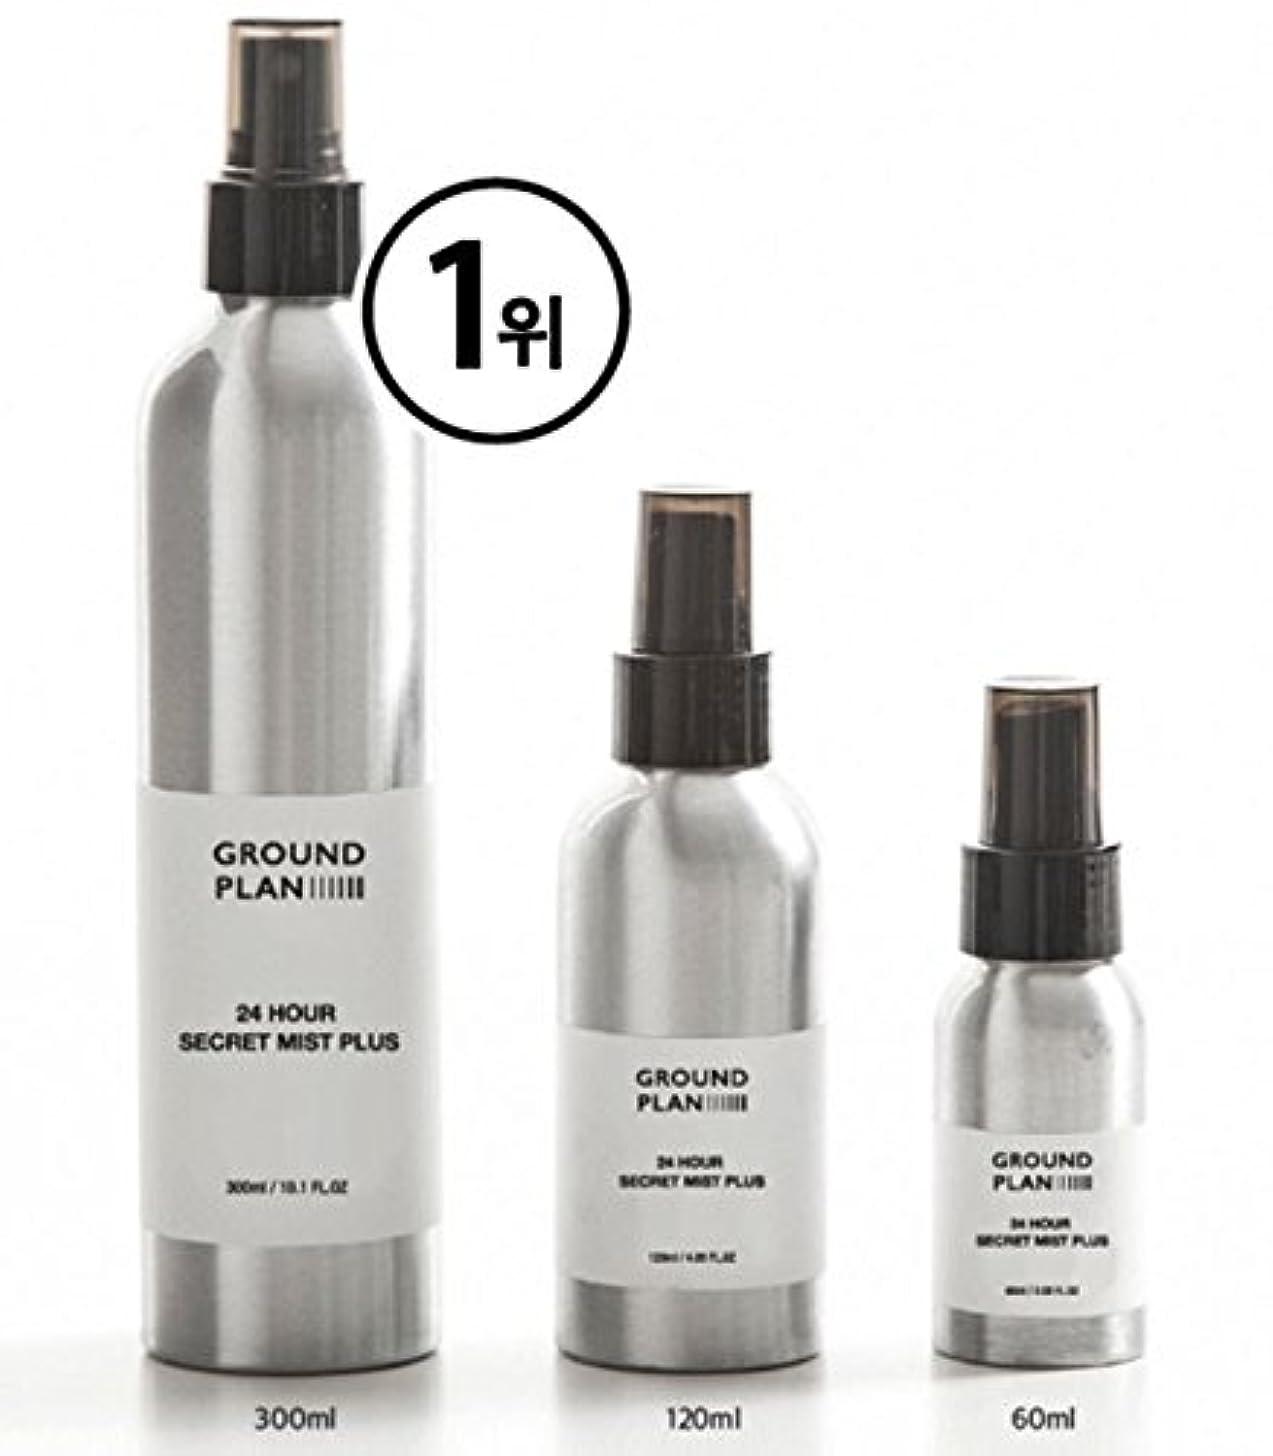 機構振幅ステートメント[グラウンド?プラン] 24Hour 秘密 スキンミスト Plus (60ml) Ground plan 24 Hour Secret Skin Mist Plus [海外直送品]